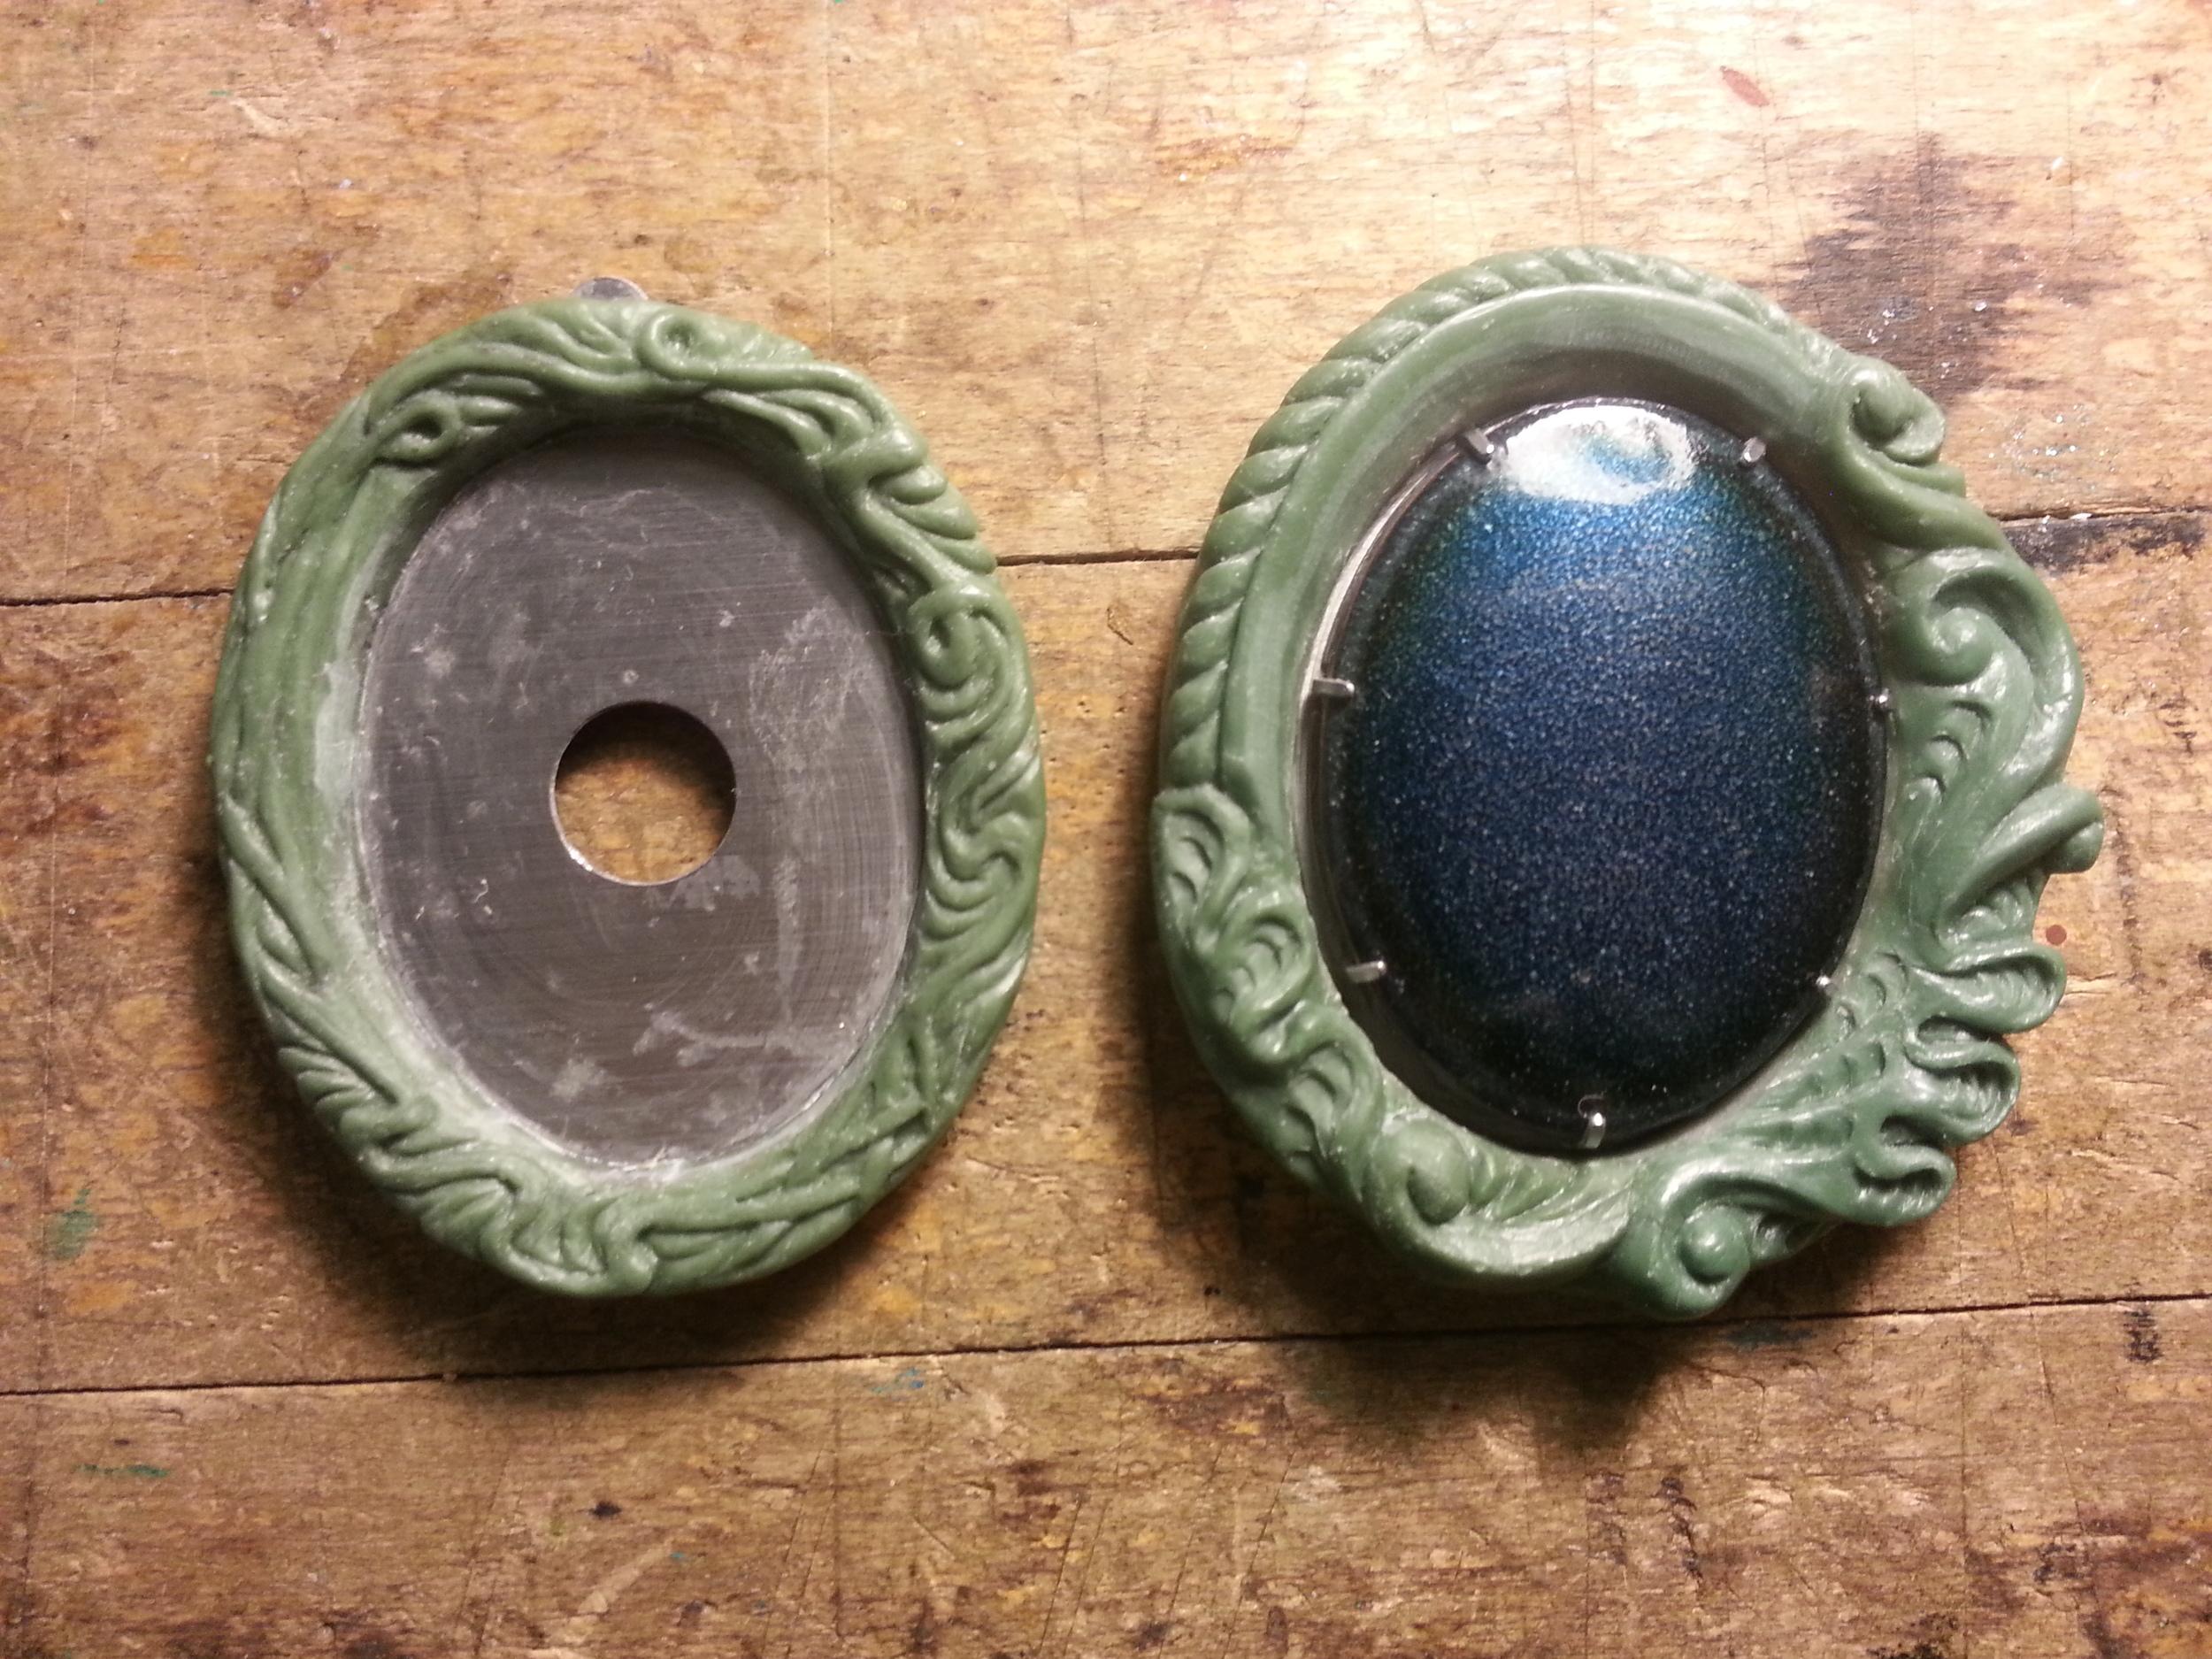 Left: Pendant. Right: Brooch.